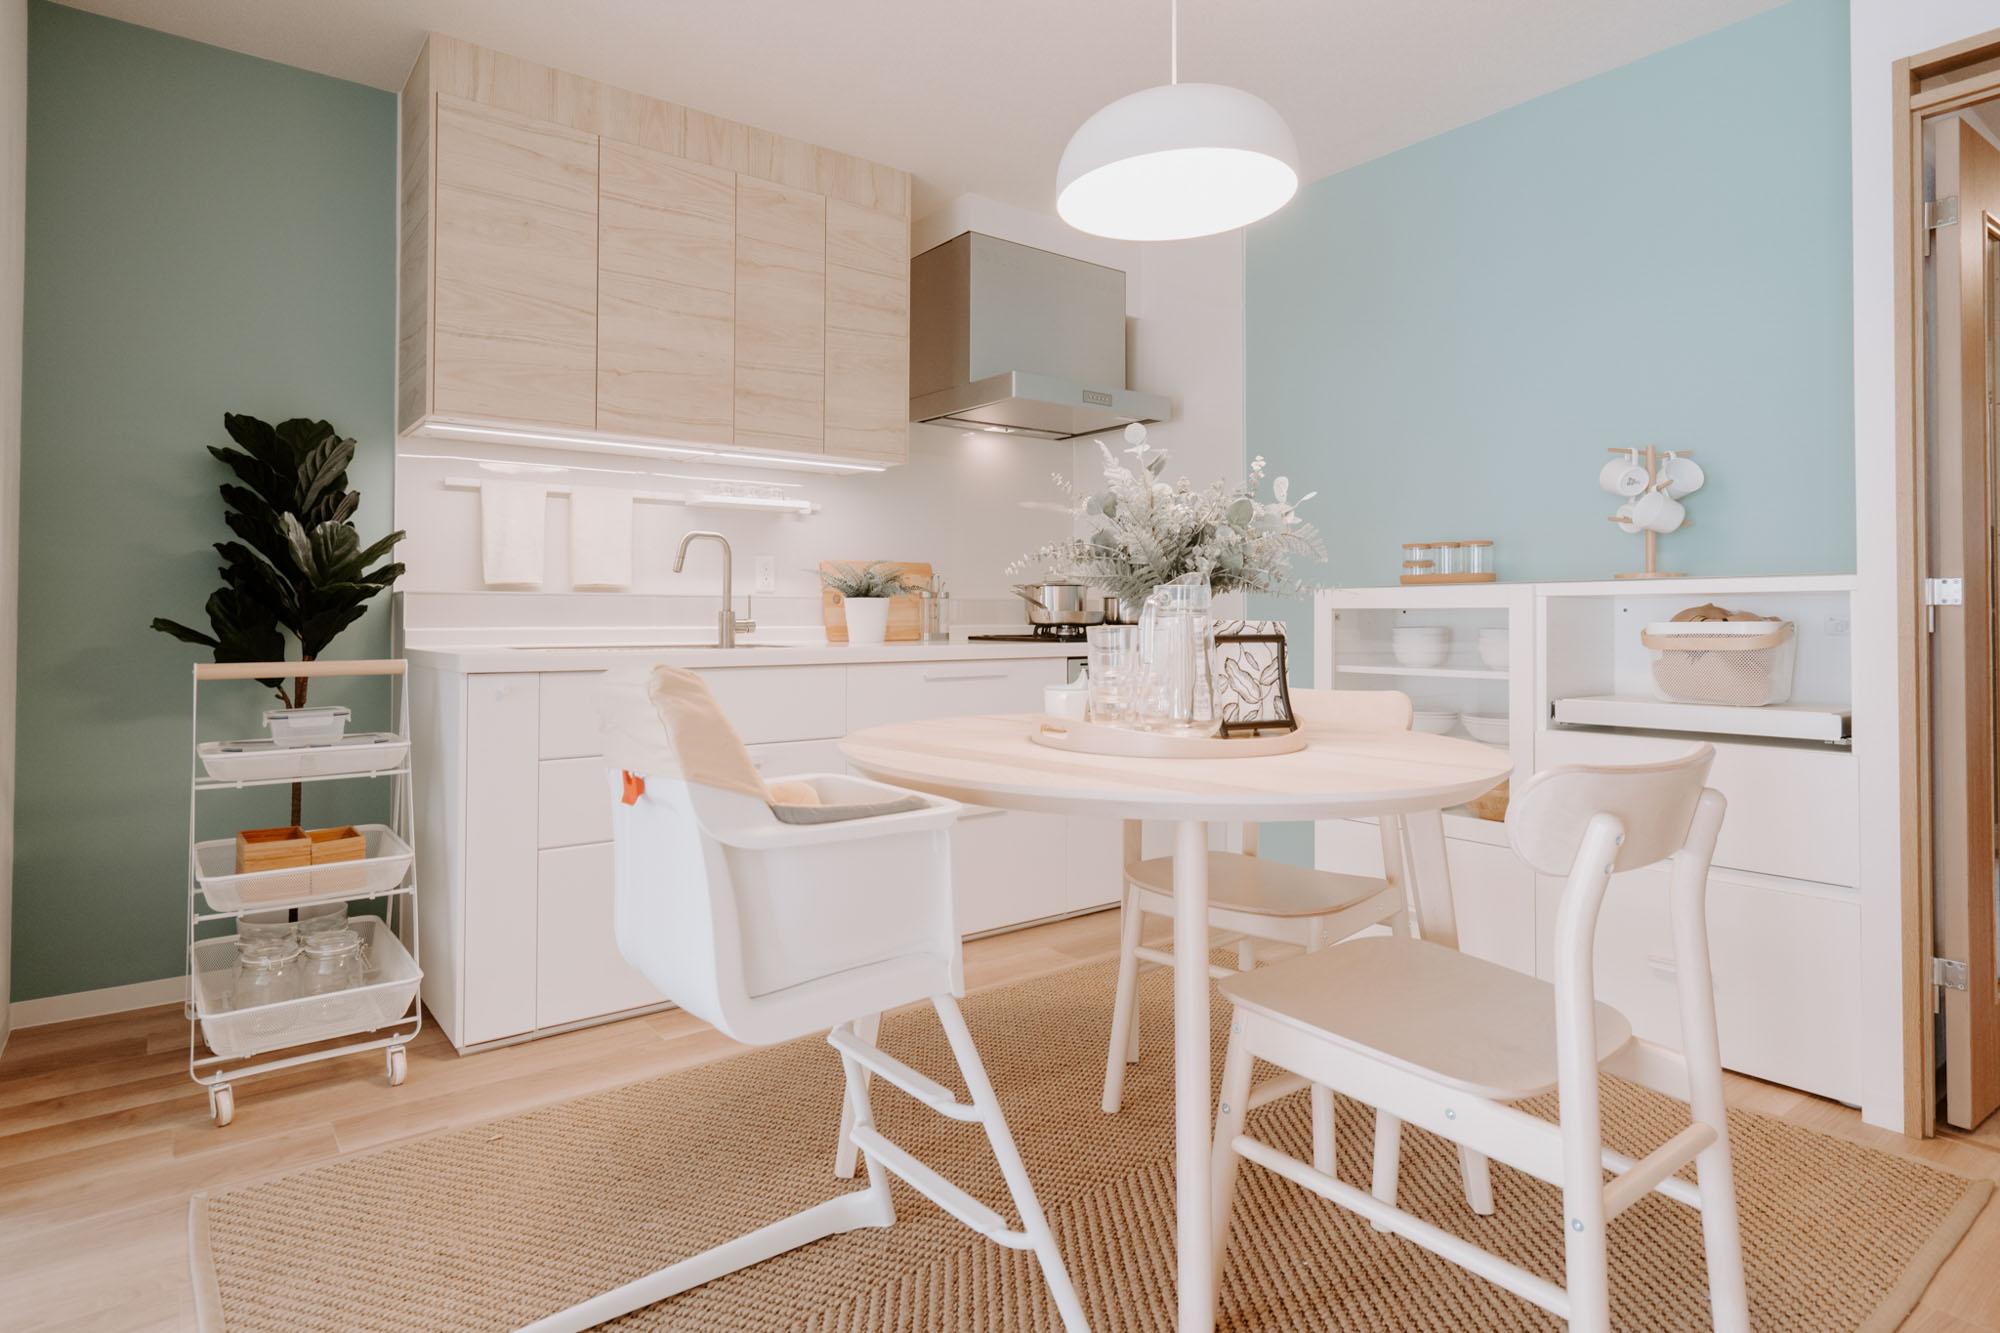 白とナチュラルなベージュのキッチンも、おしゃれなデザインでうれしいです。